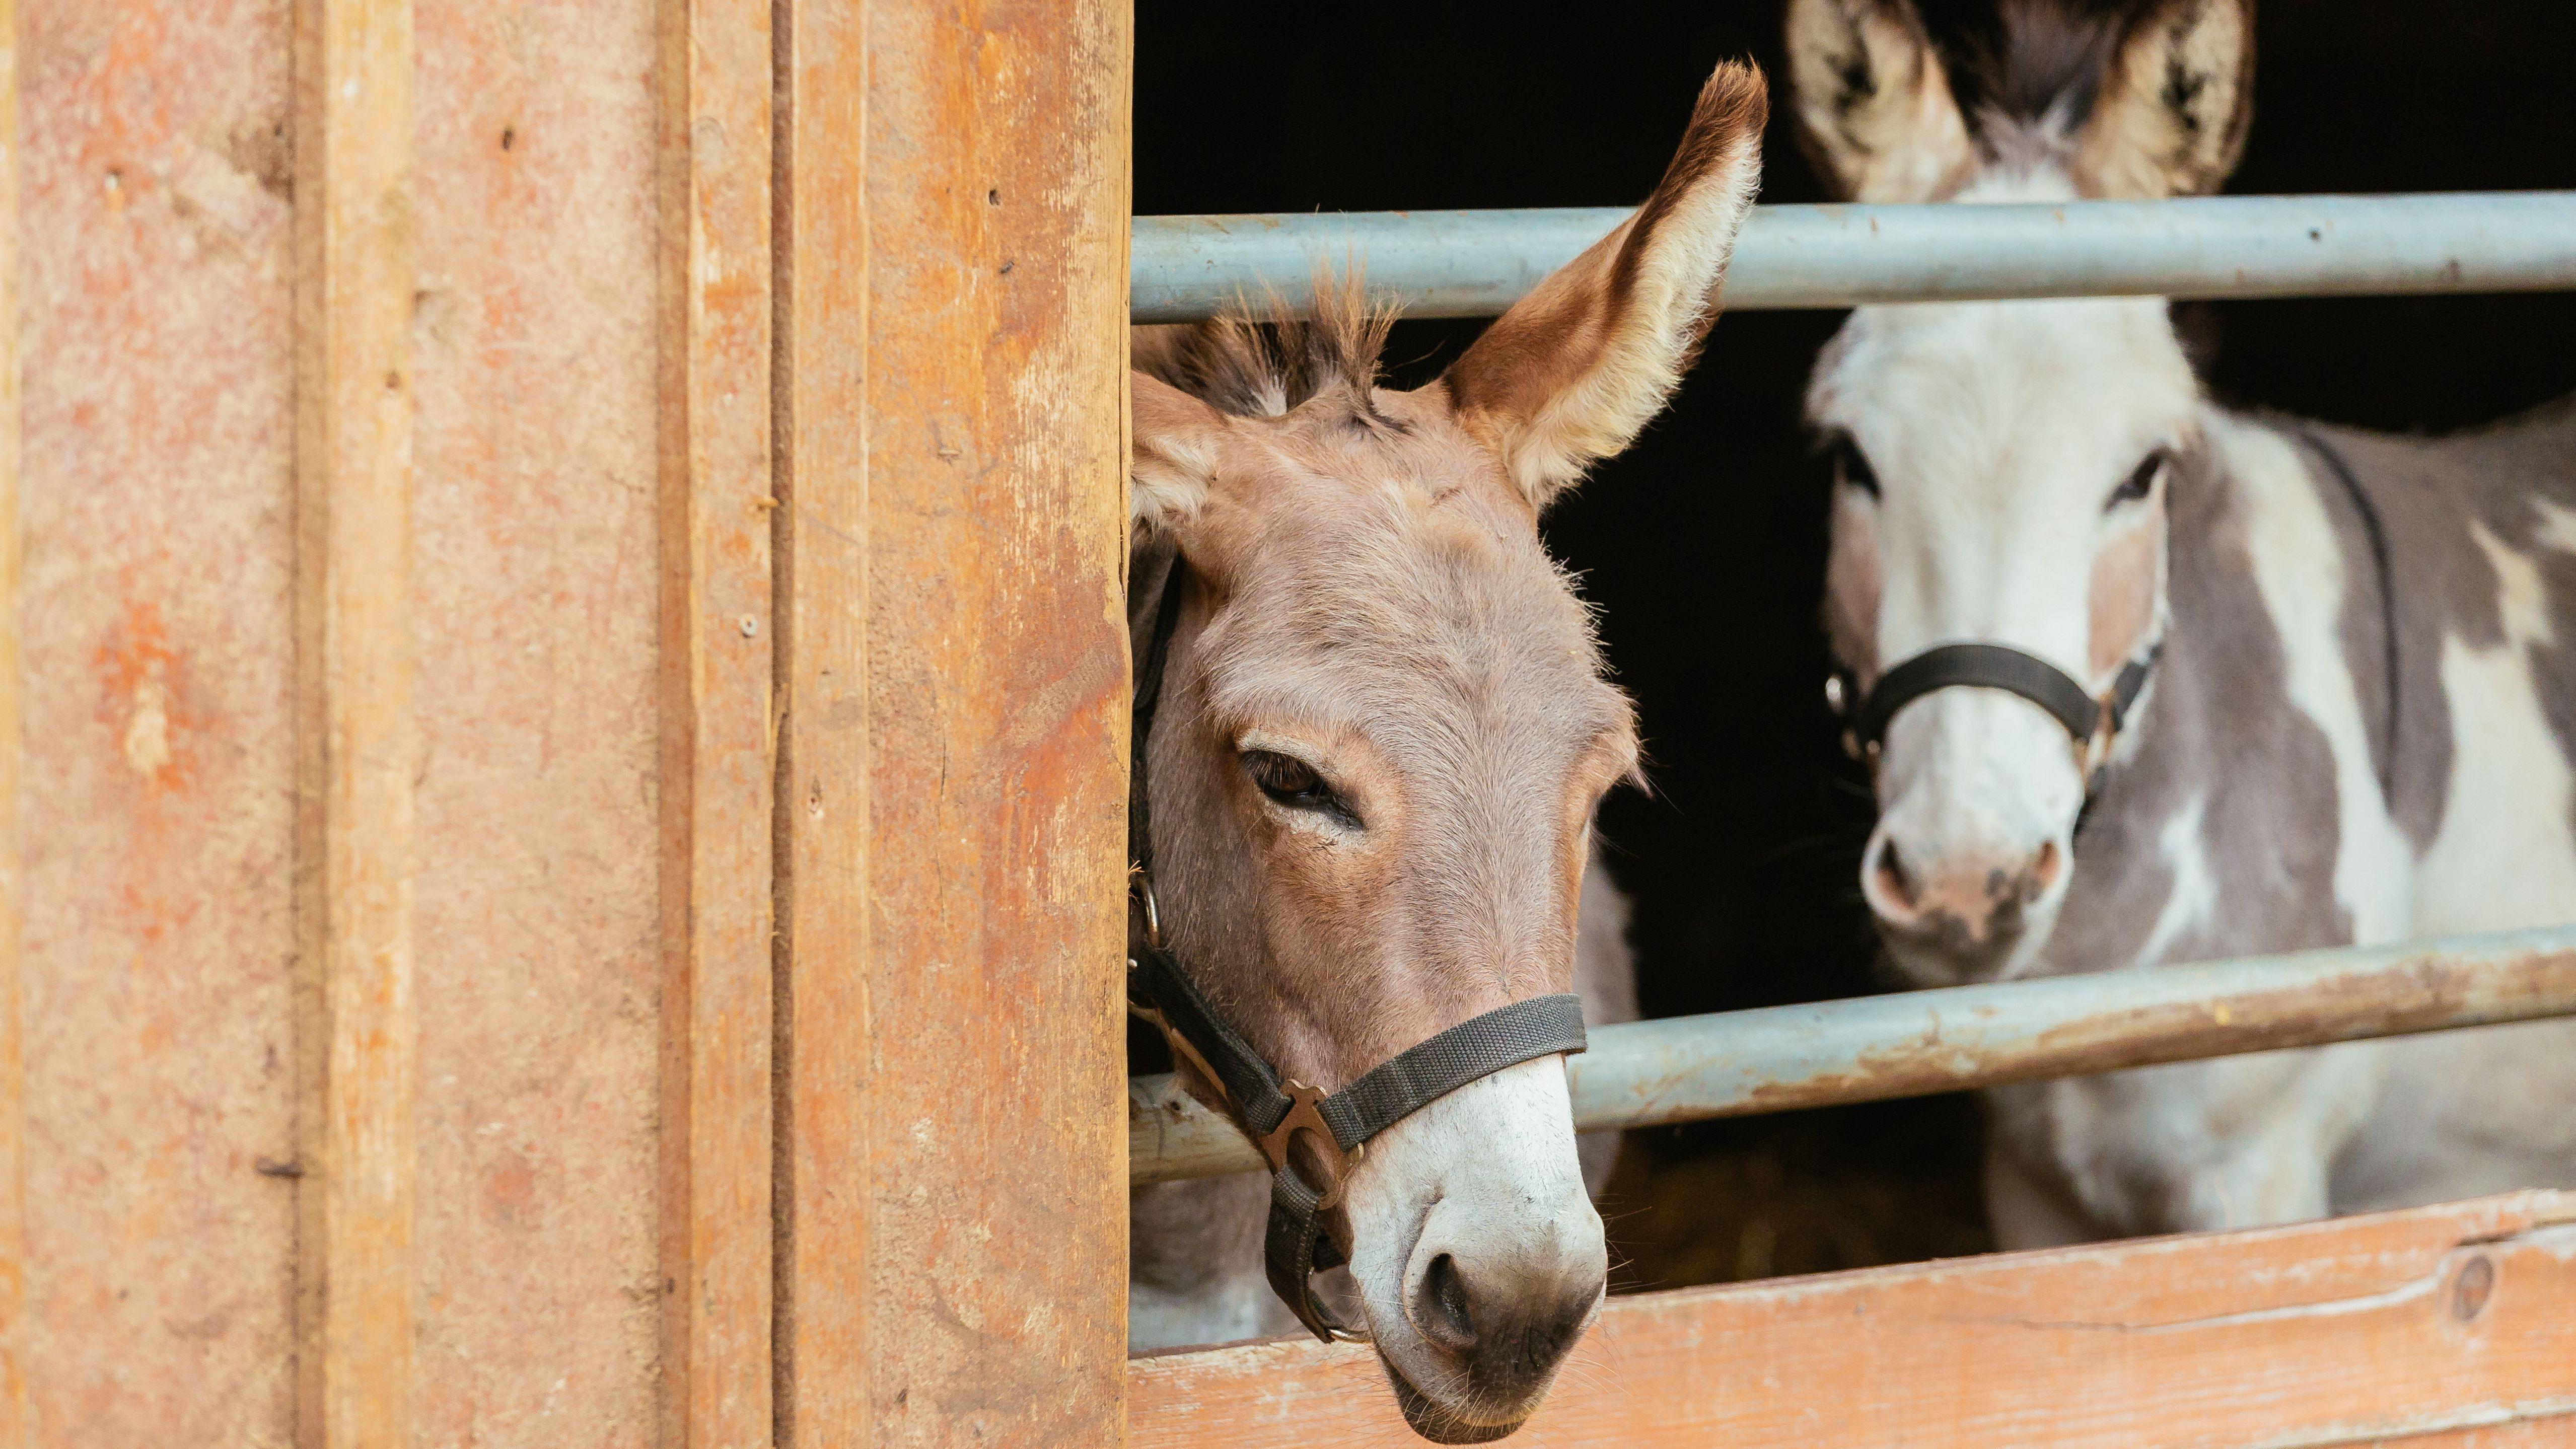 Esel in einem Stall - Symbolbild